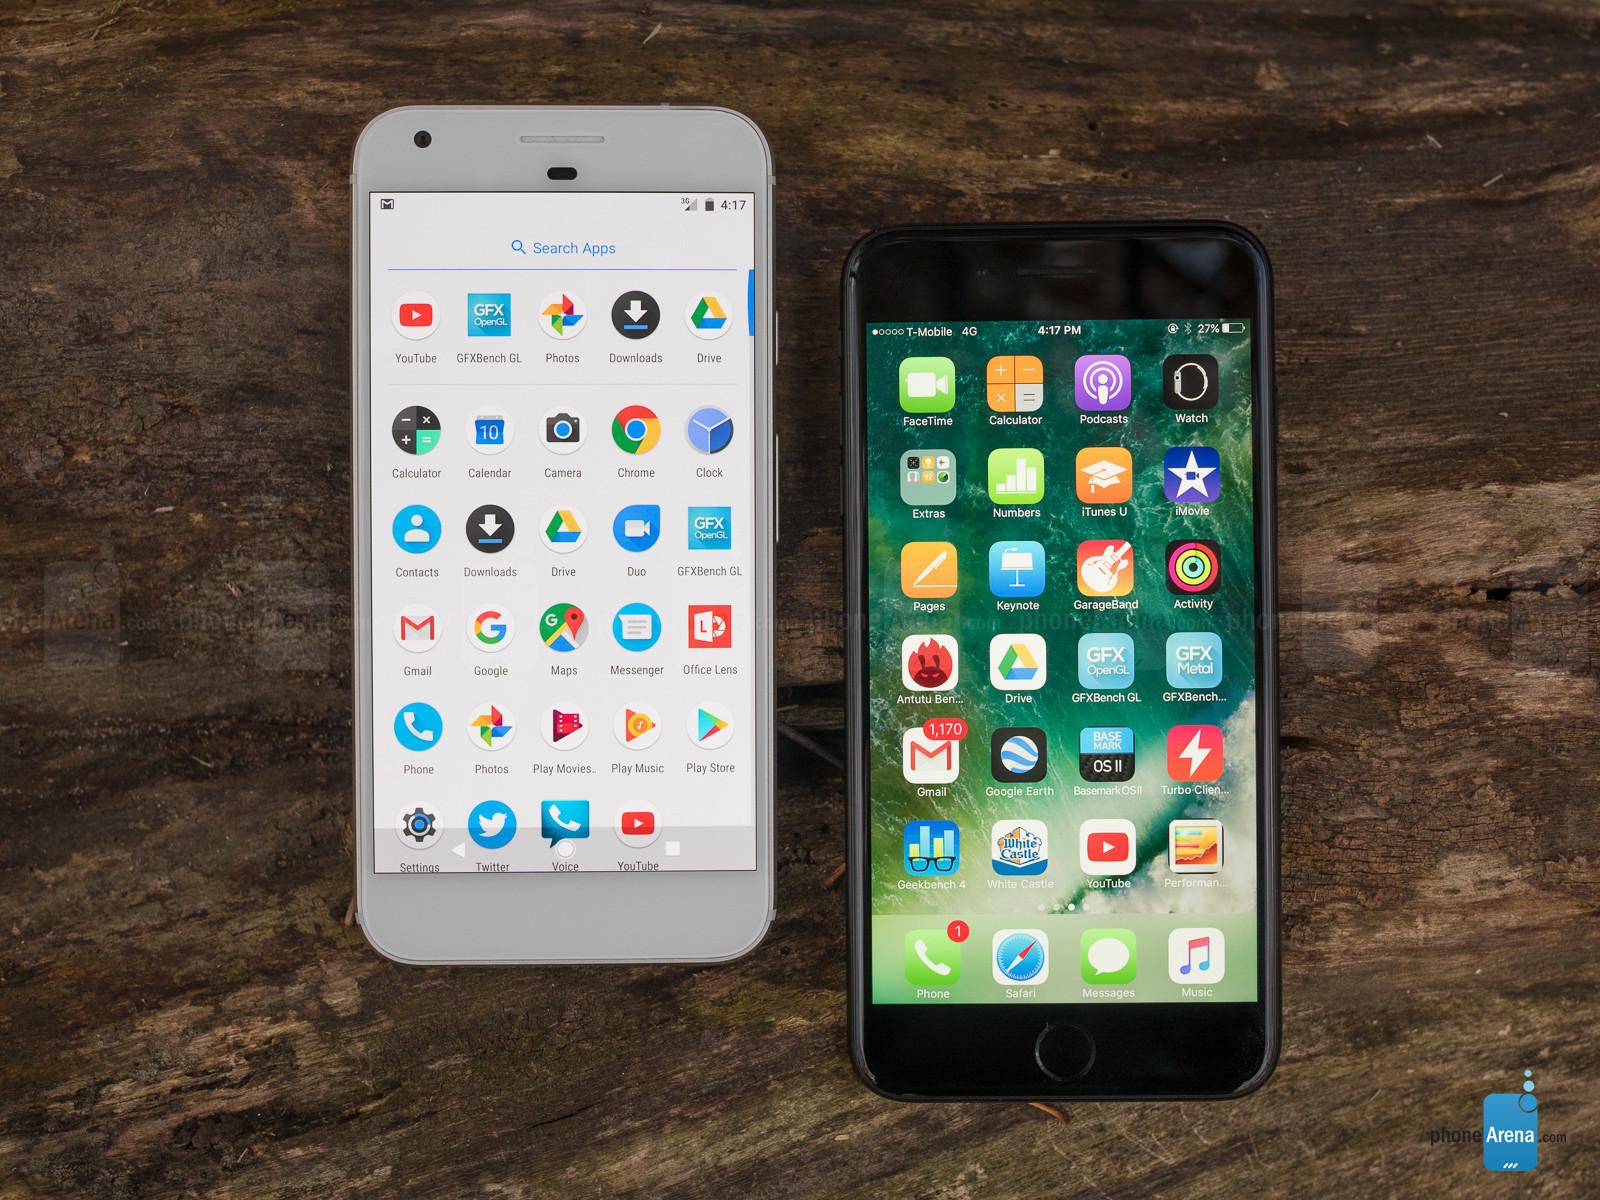 تماشا کنید: مقایسه سرعت آیفون 7 پلاس بروزرسانی شده به iOS 11 و گوگل پیکسل XL با اندروید 8 اوریو